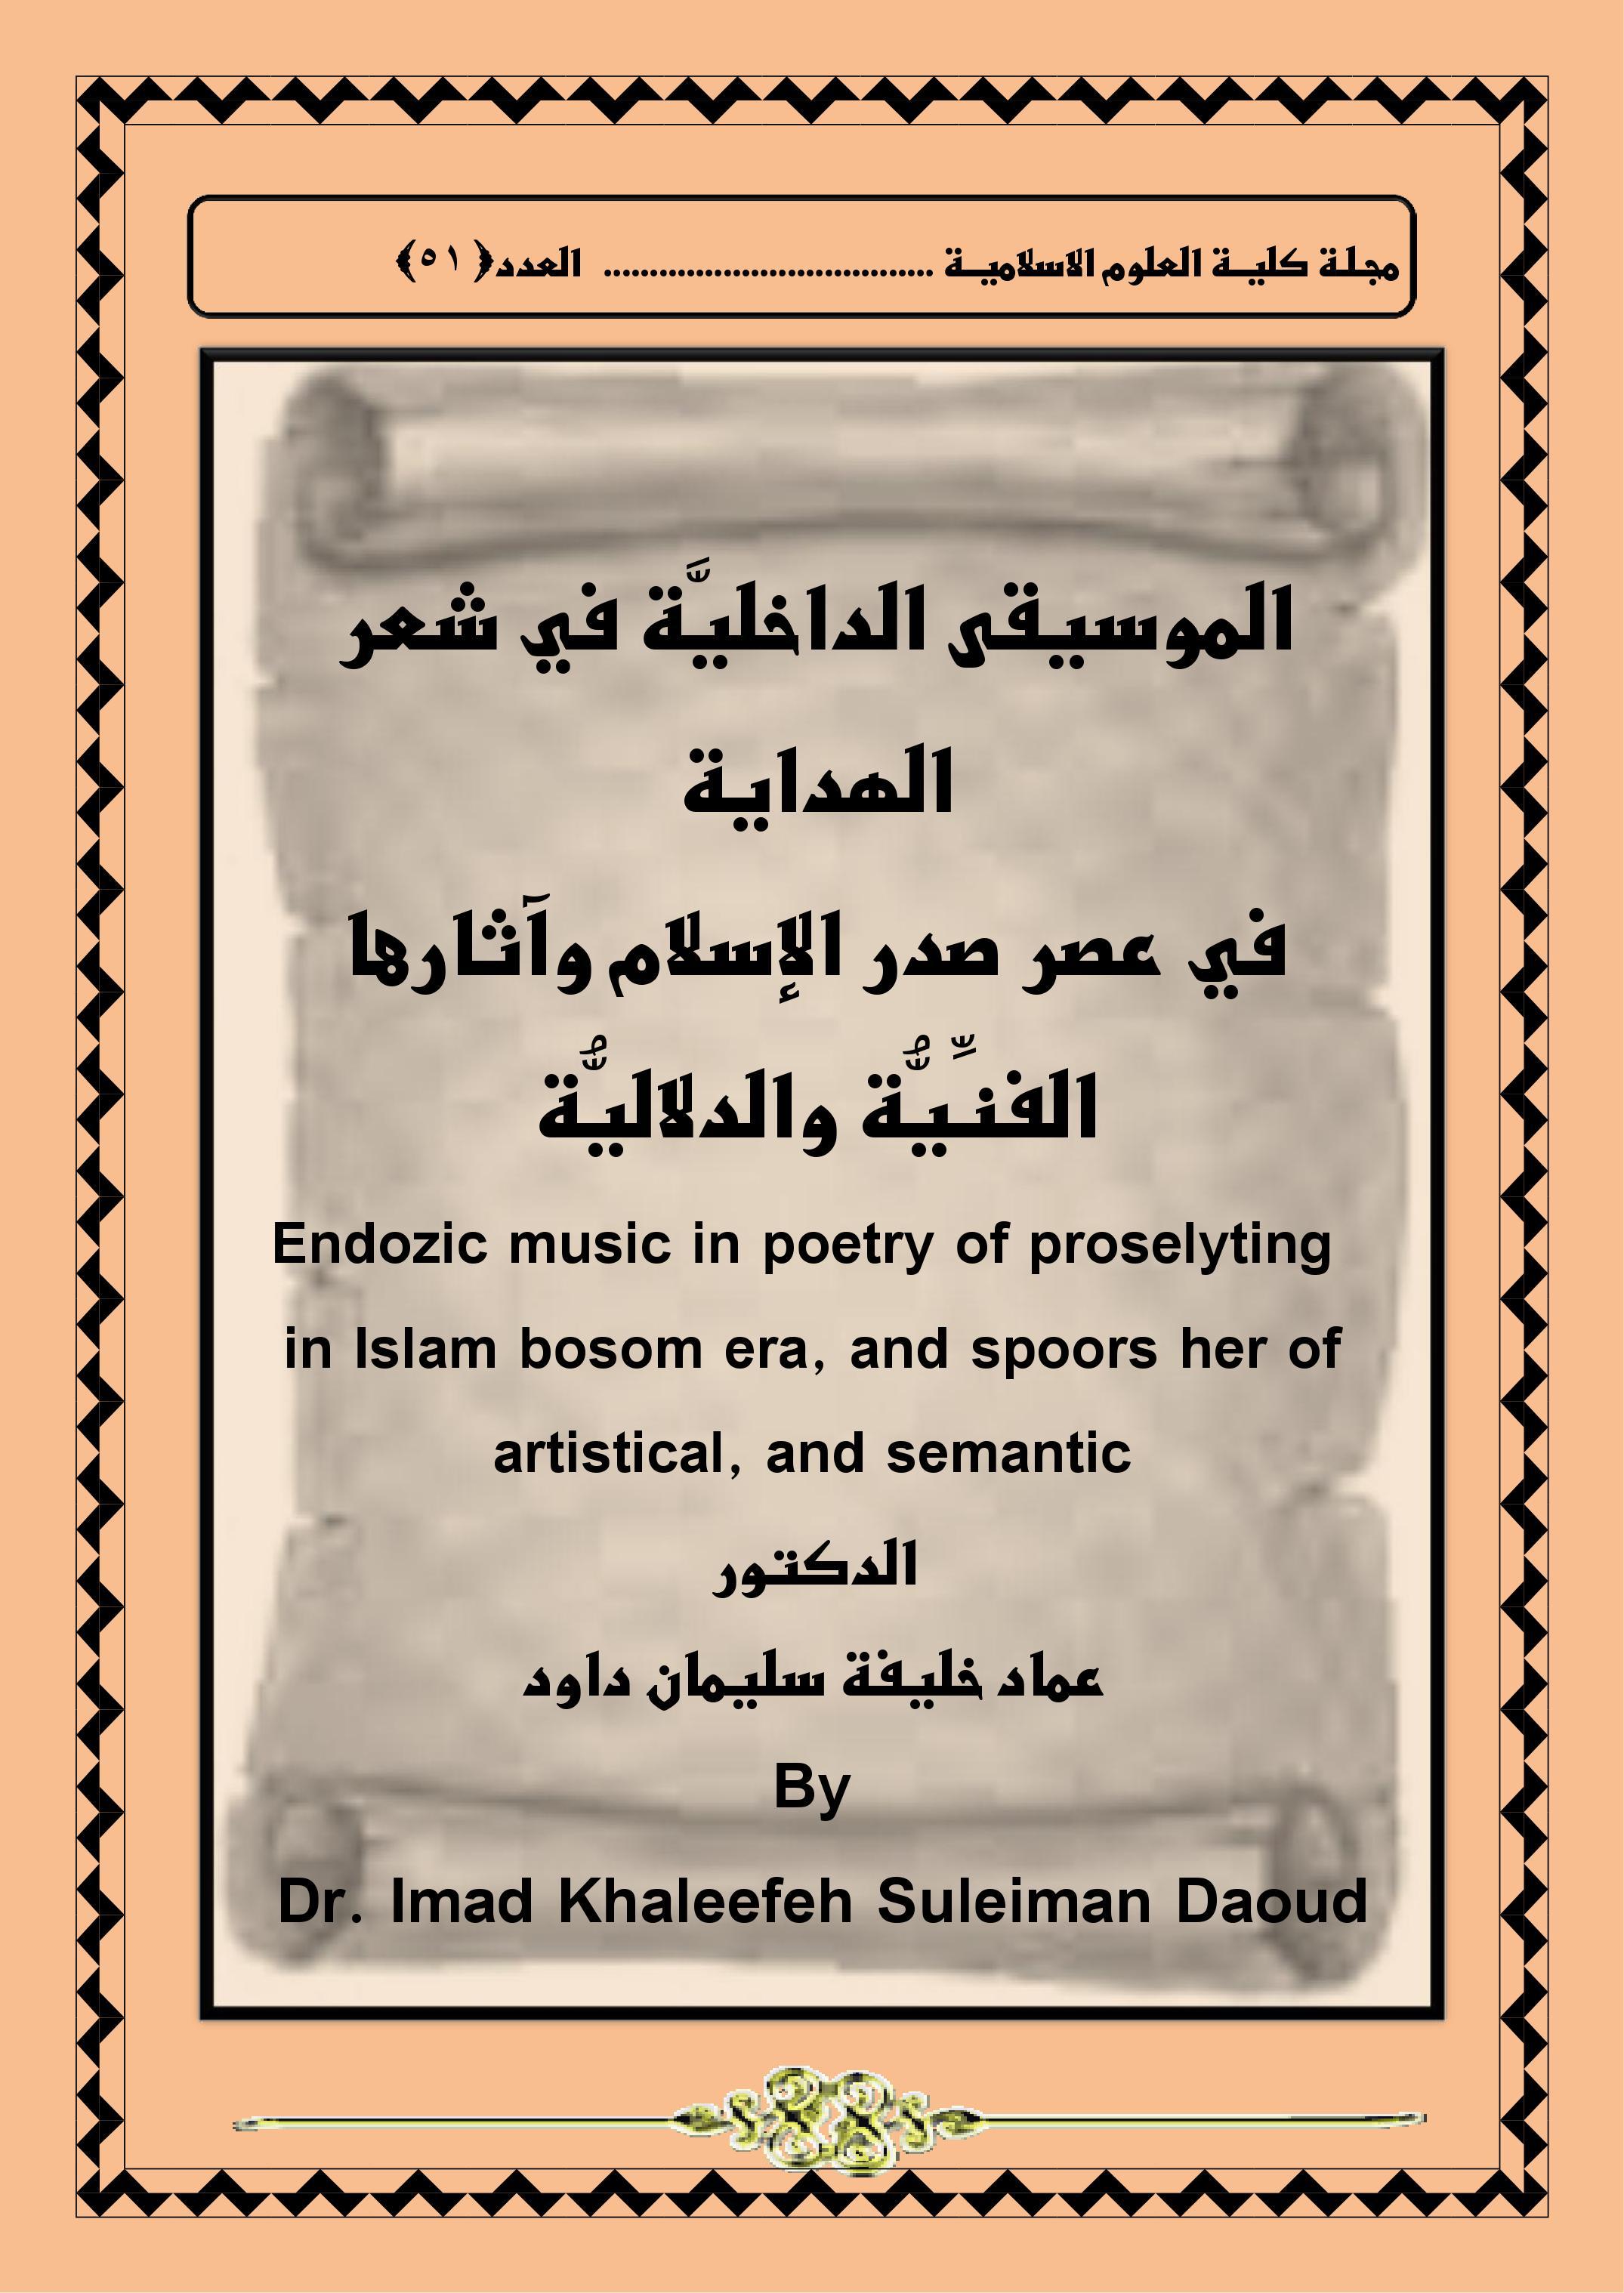 الموسيقى الداخليَّة في شعر الهداية في عصر صدر الإسلام وآثارها الفنِّيُّة والدلاليُّة